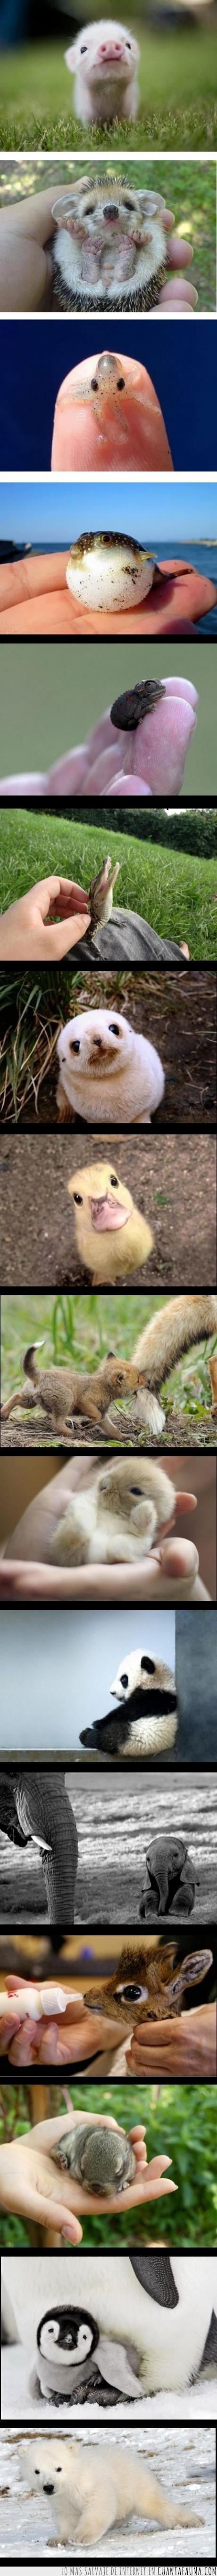 animales,bebe,cachorro,cria,cute,erizo,foca,mono,pequeño,tiernos